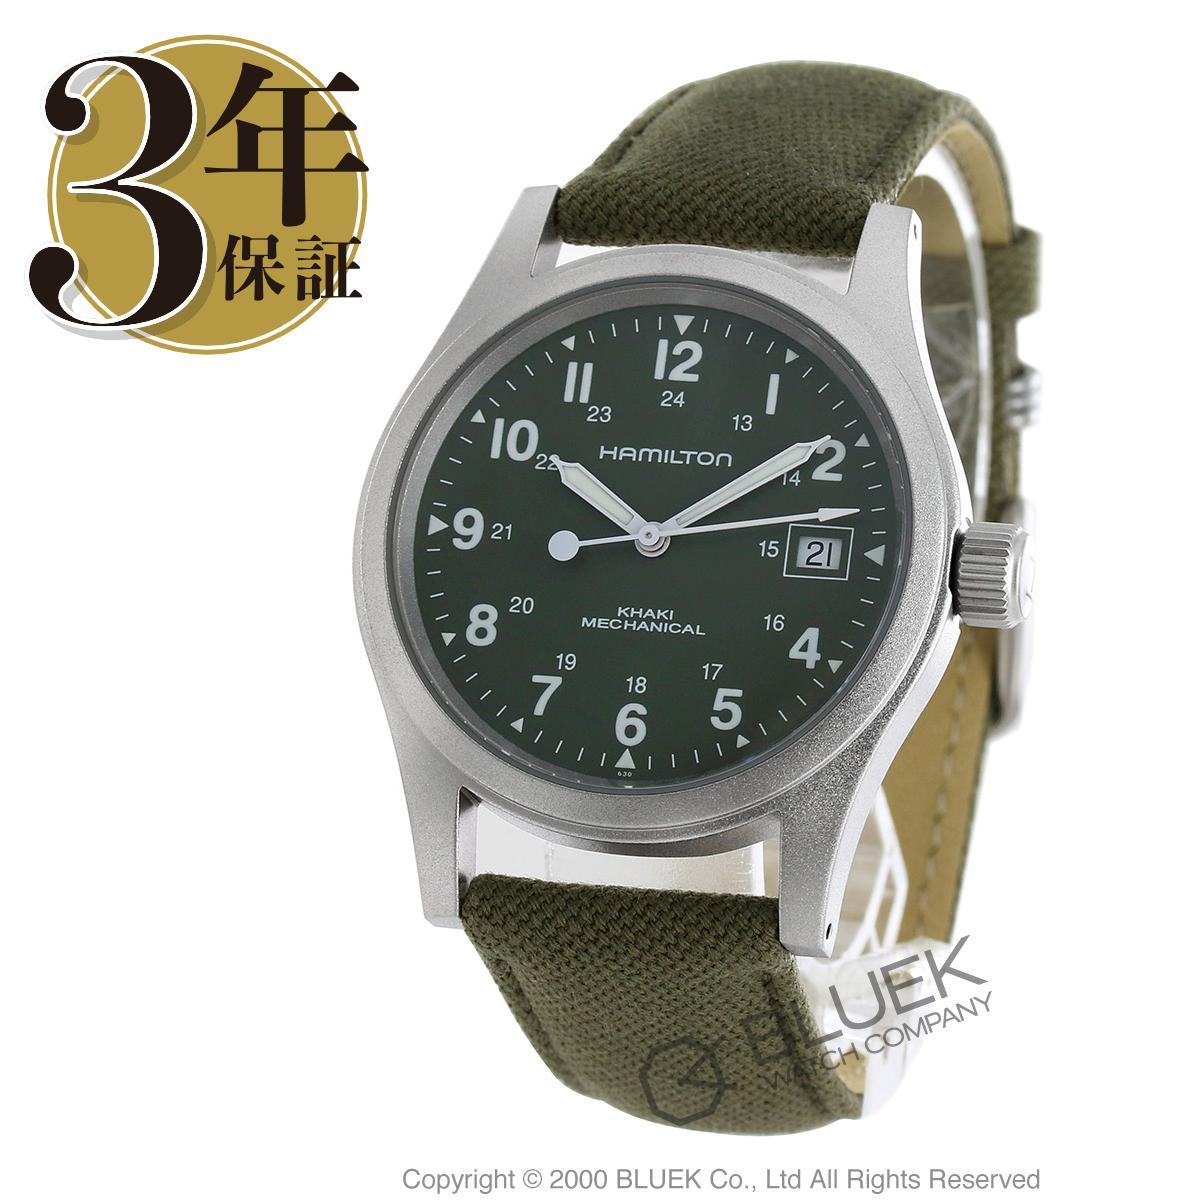 ハミルトン カーキ フィールド オフィサー キャンパスレザー 腕時計 メンズ HAMILTON H69419363_8